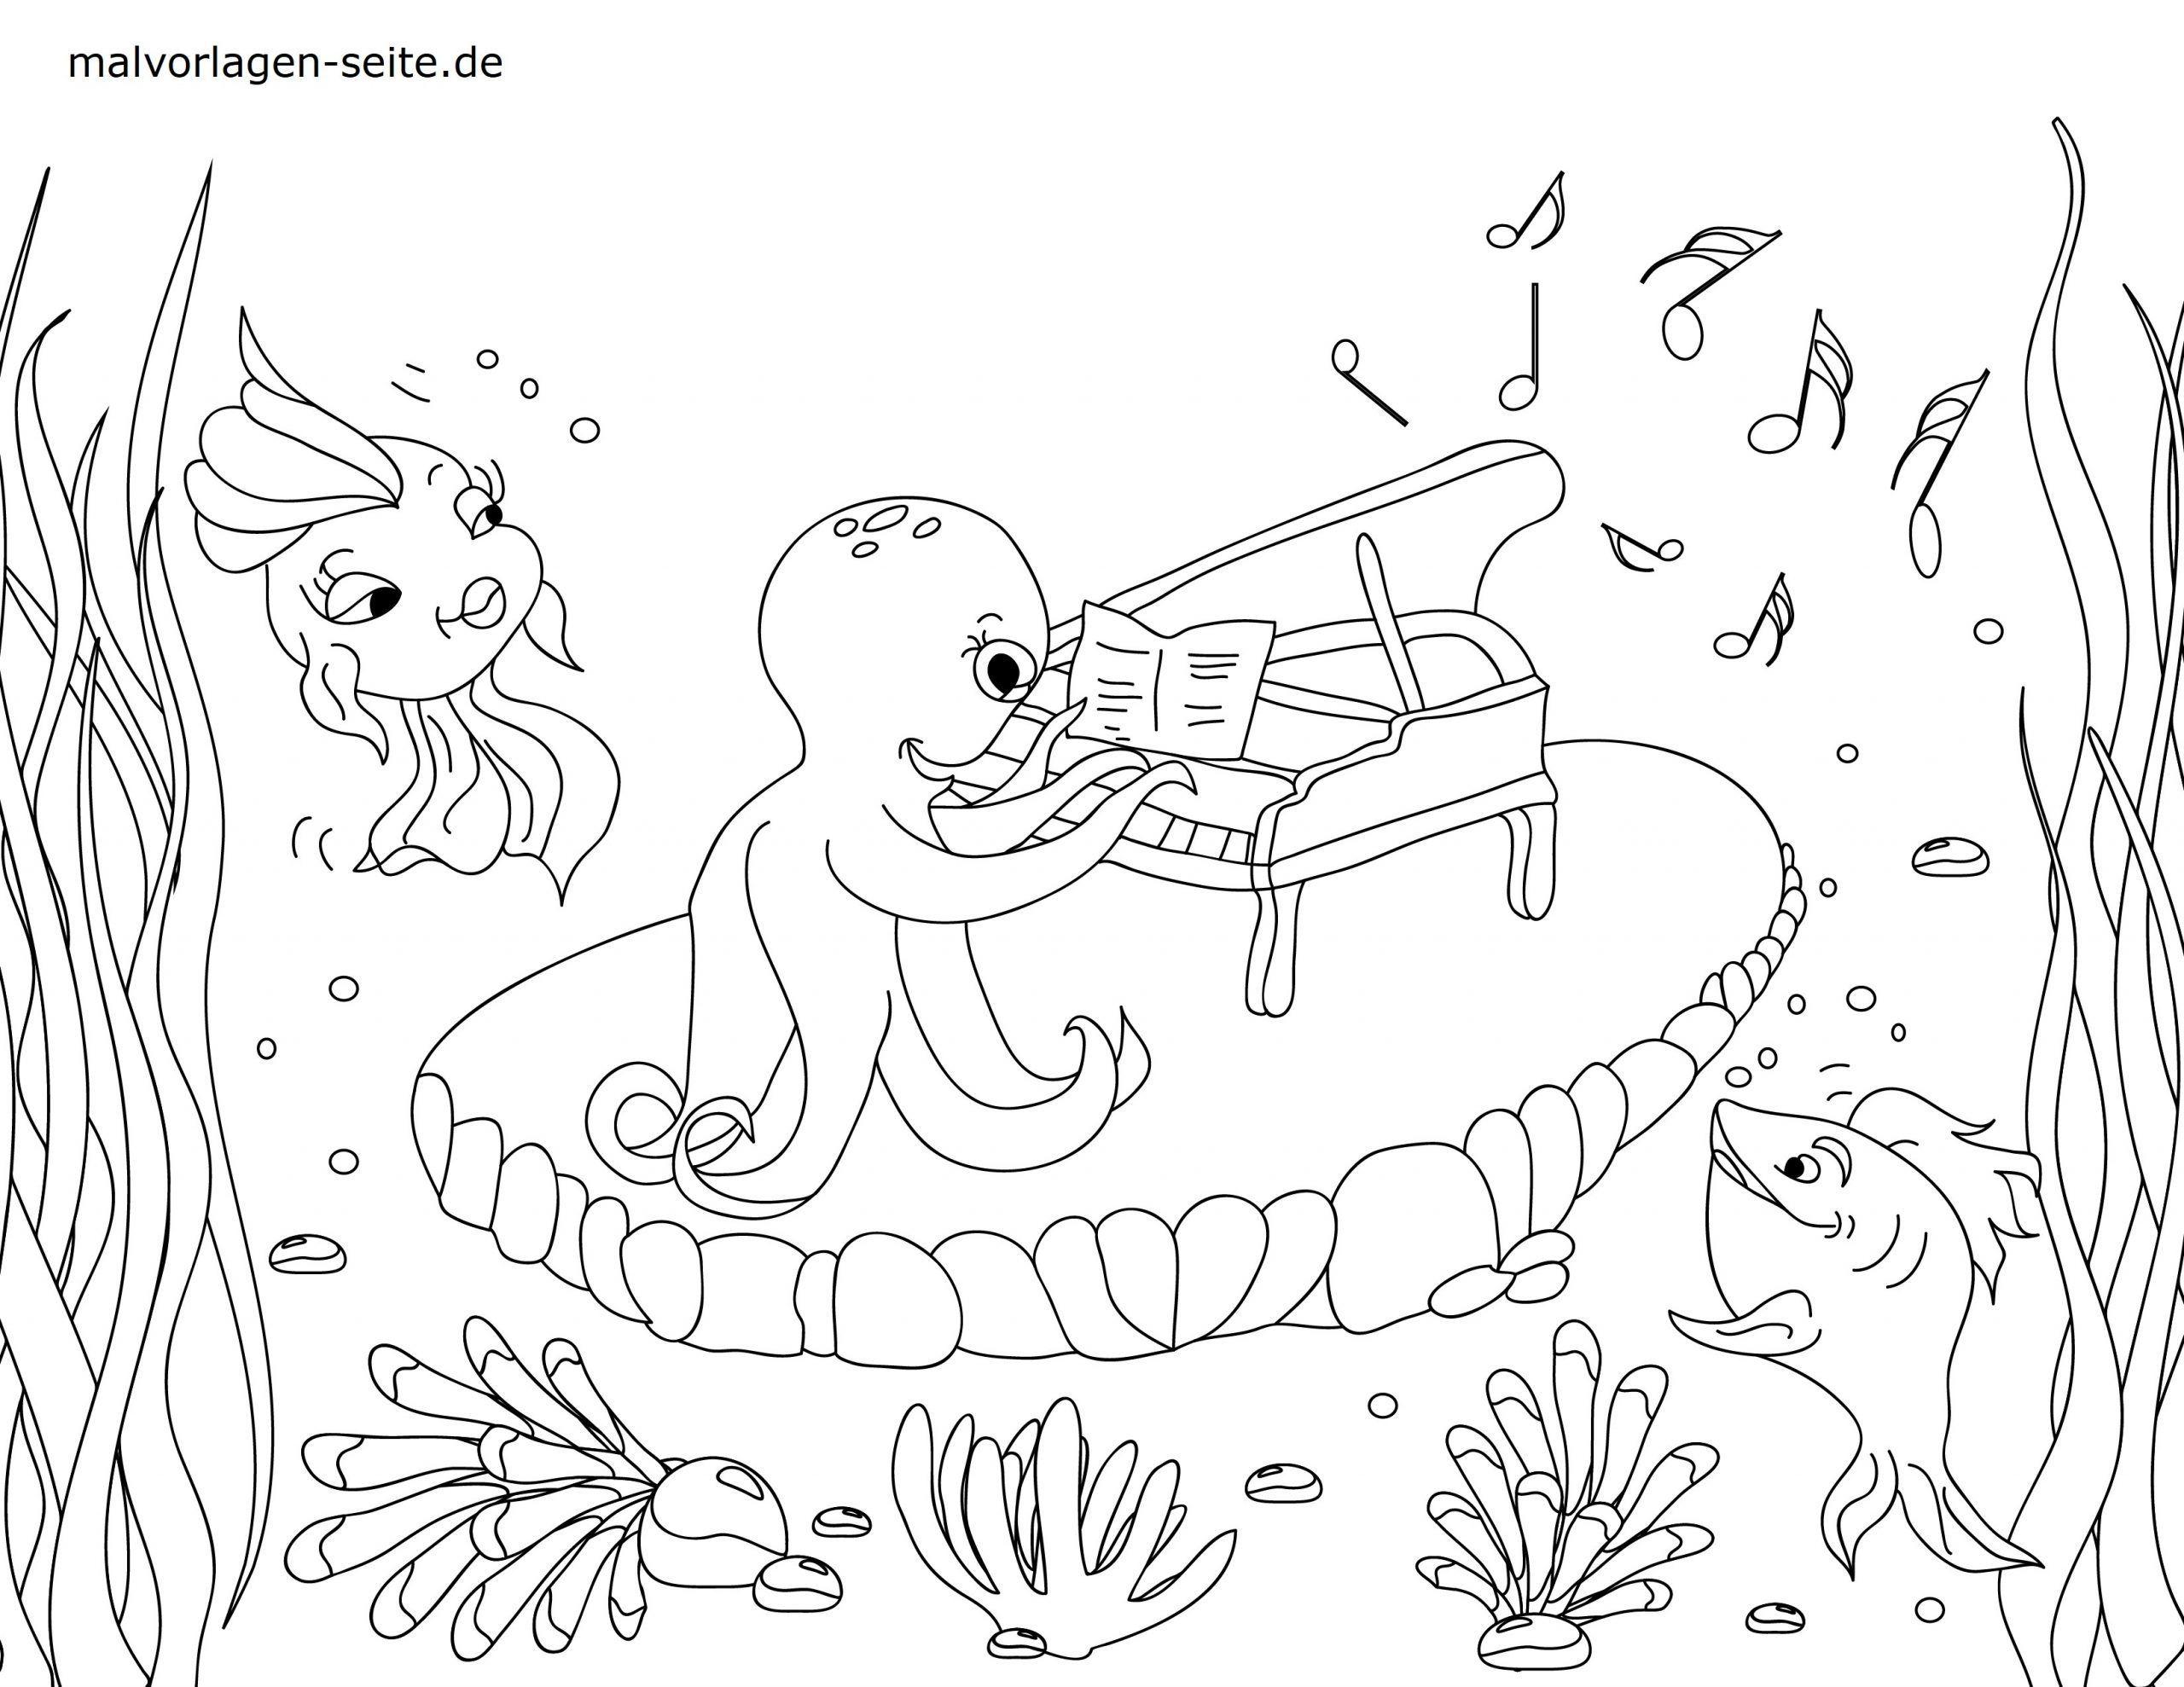 Malvorlagen Unterwassertiere